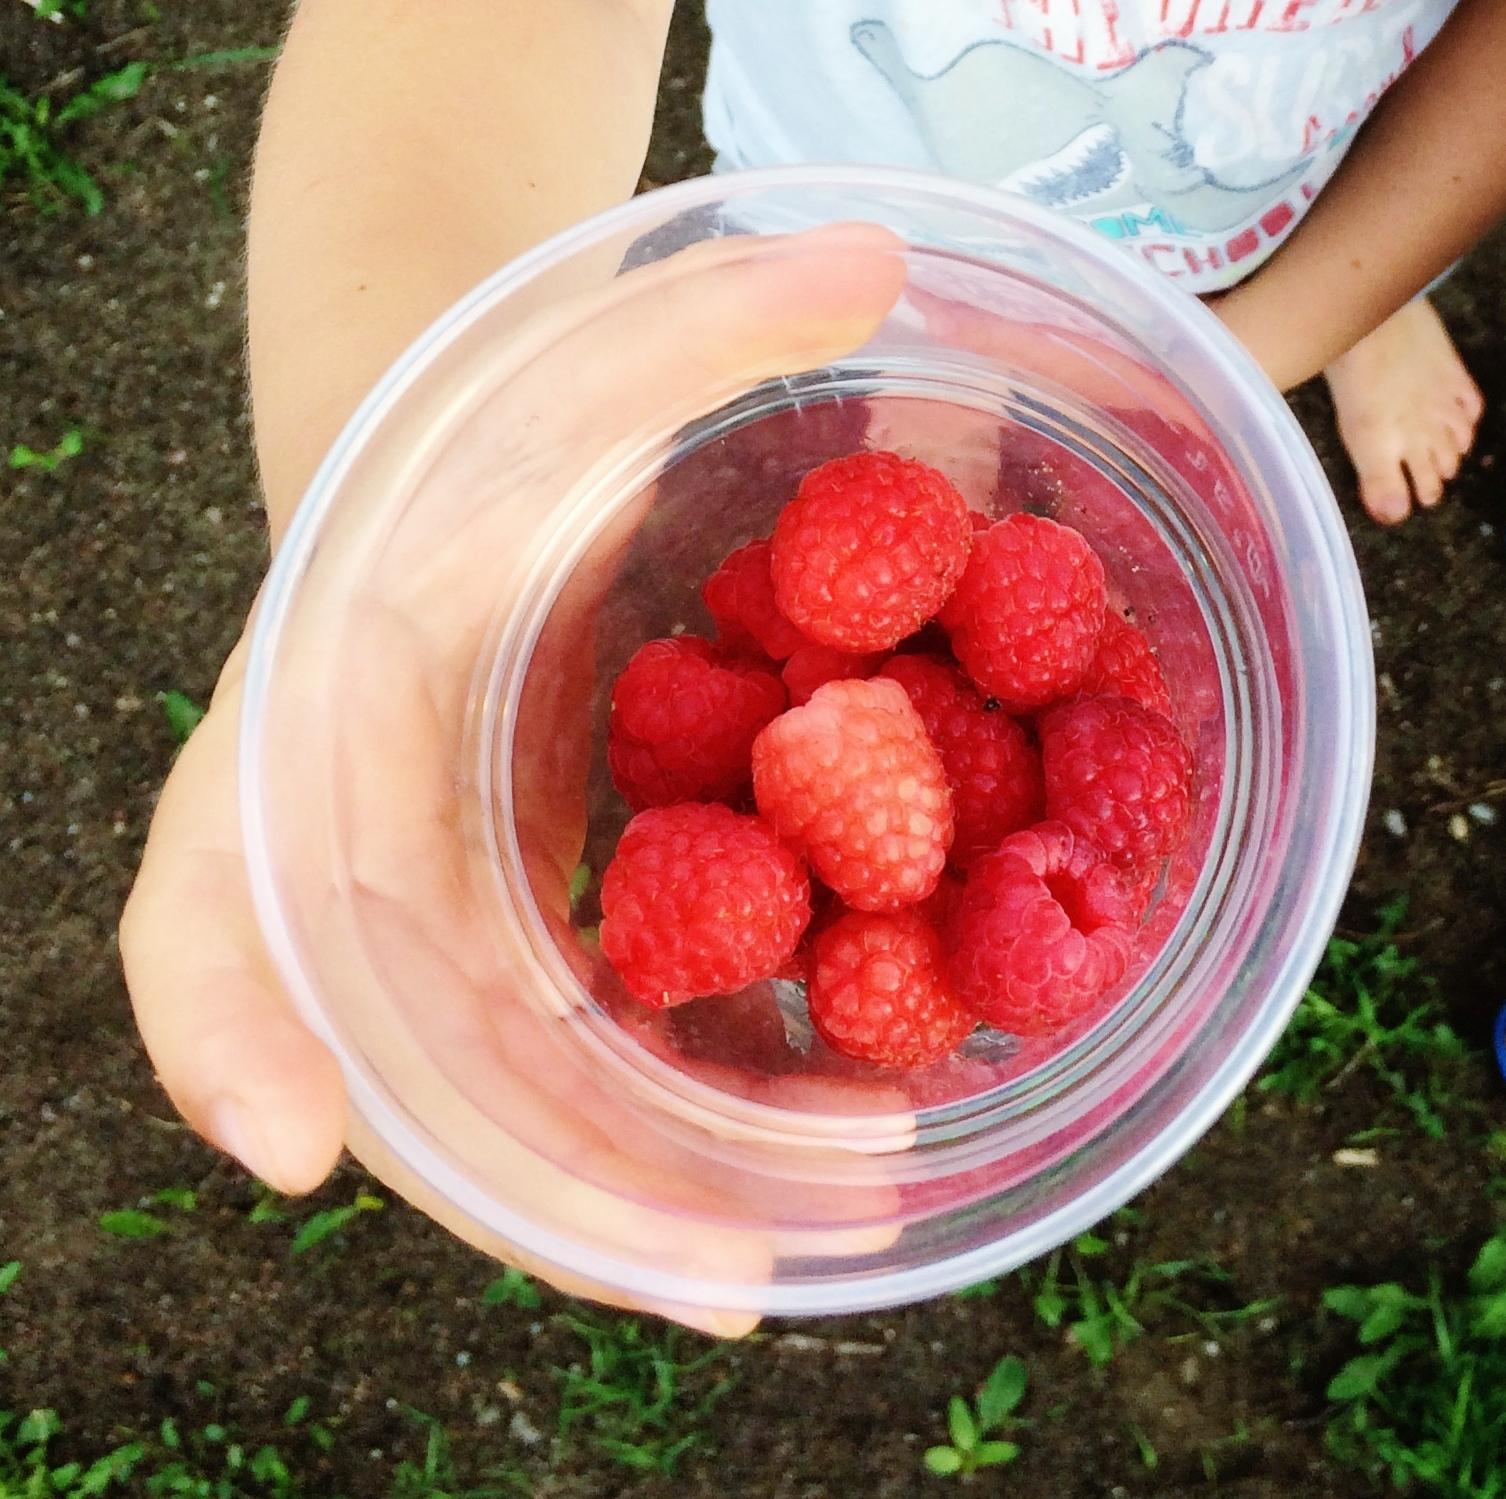 dzień słodyczowy, słodycze w diecie dziecka, jak odzwyczaić dziecko od słodyczy, dzień słodyczy, słodycze dla dzieci